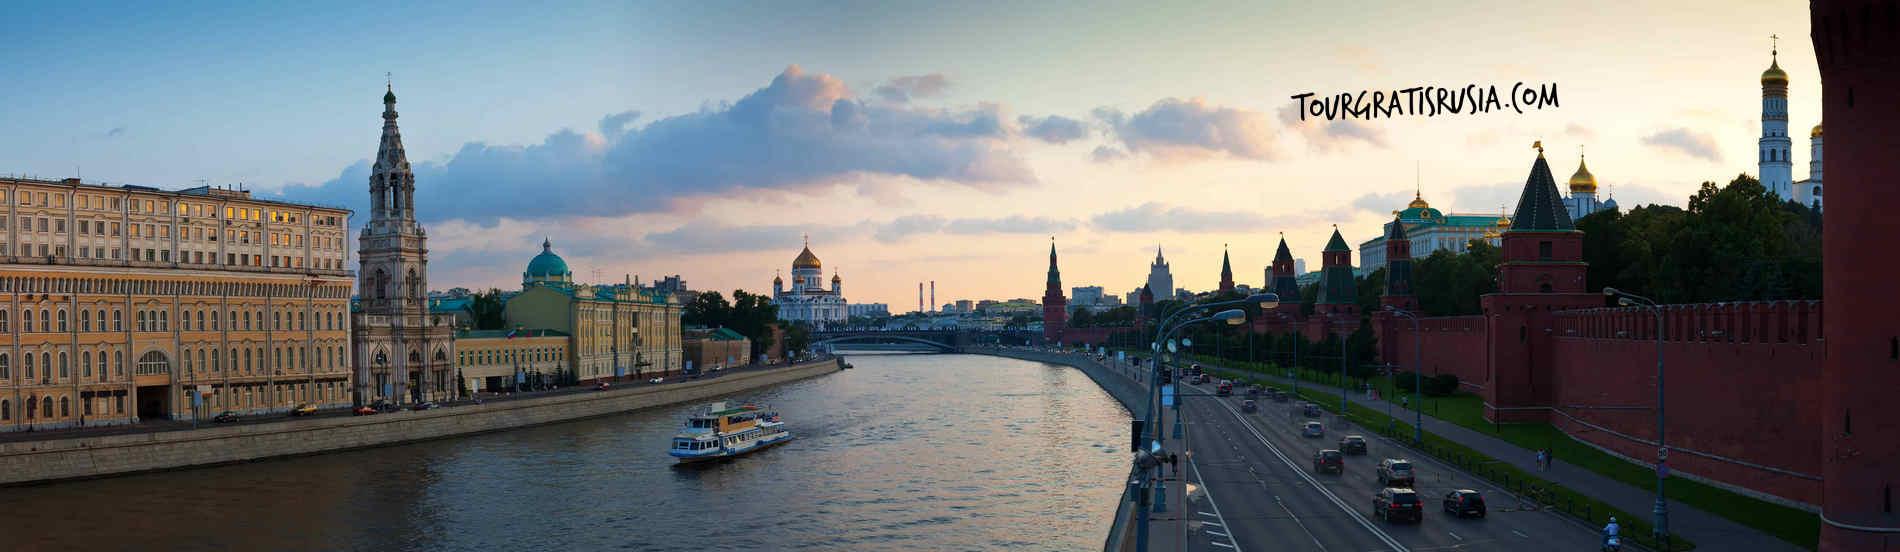 Tour por el rio Moscú